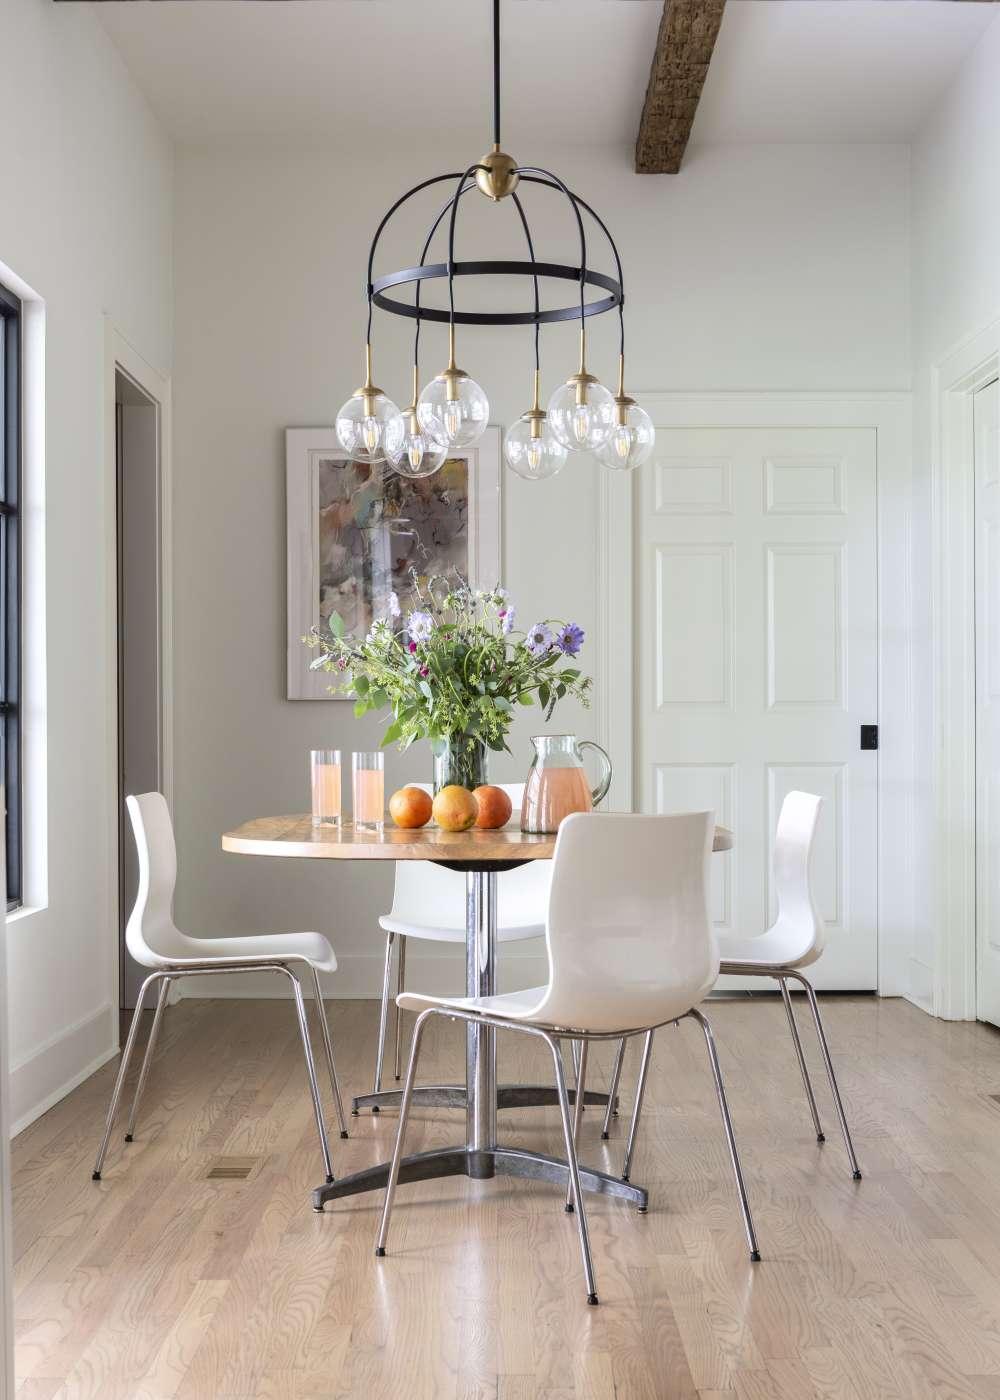 Interior-design-arkansas-family-friendly-Krista-Lewis-002